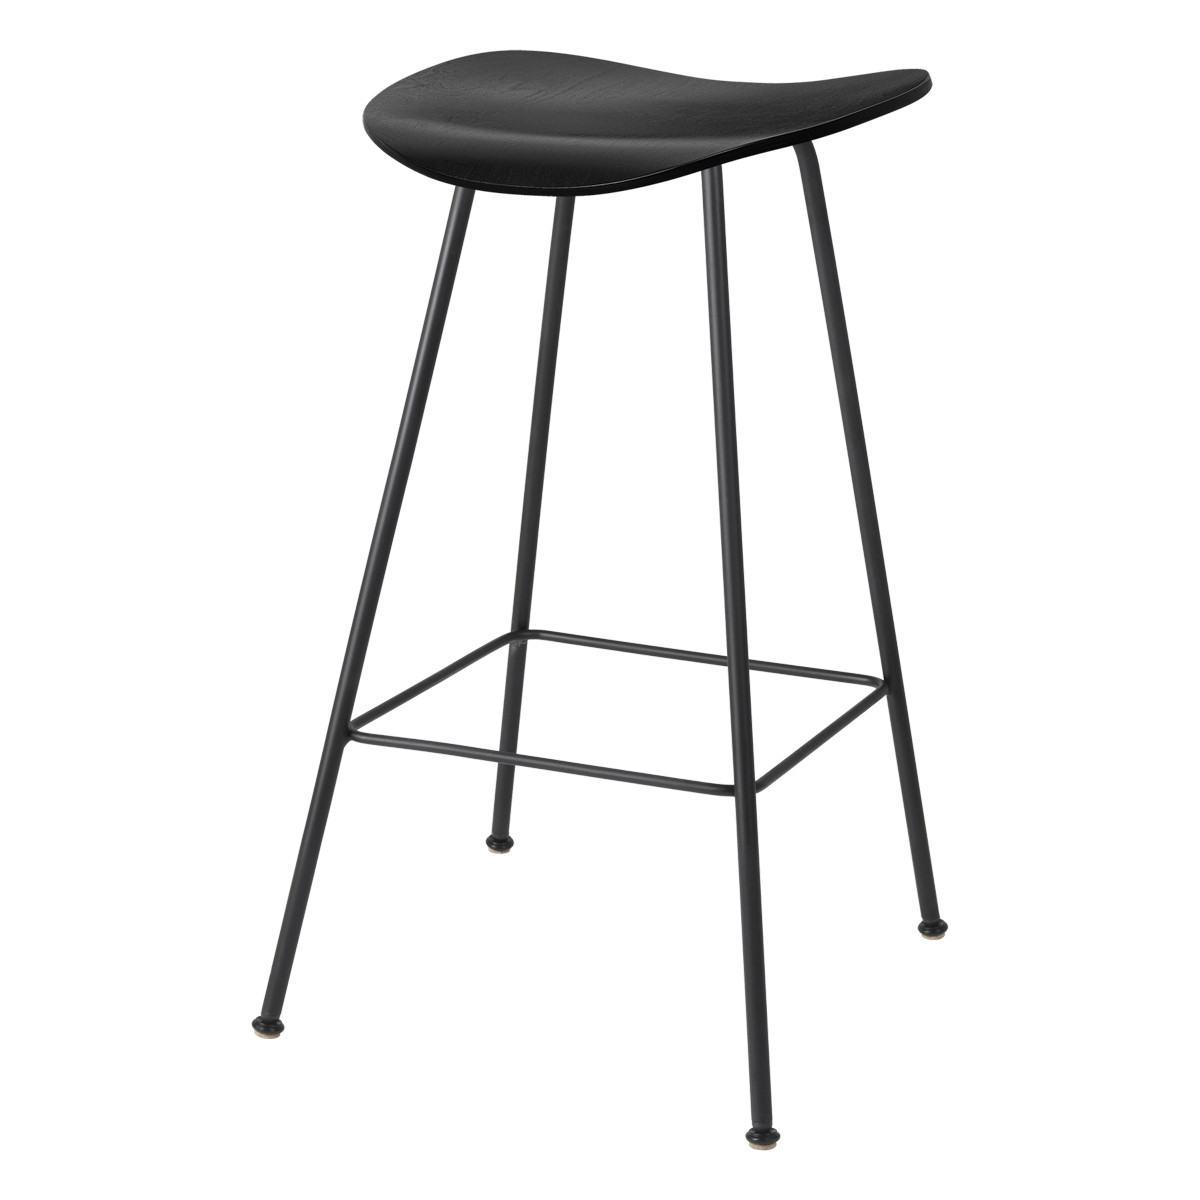 Gubi 2D Counter Stool - Un-Upholstered, 65, Center Base